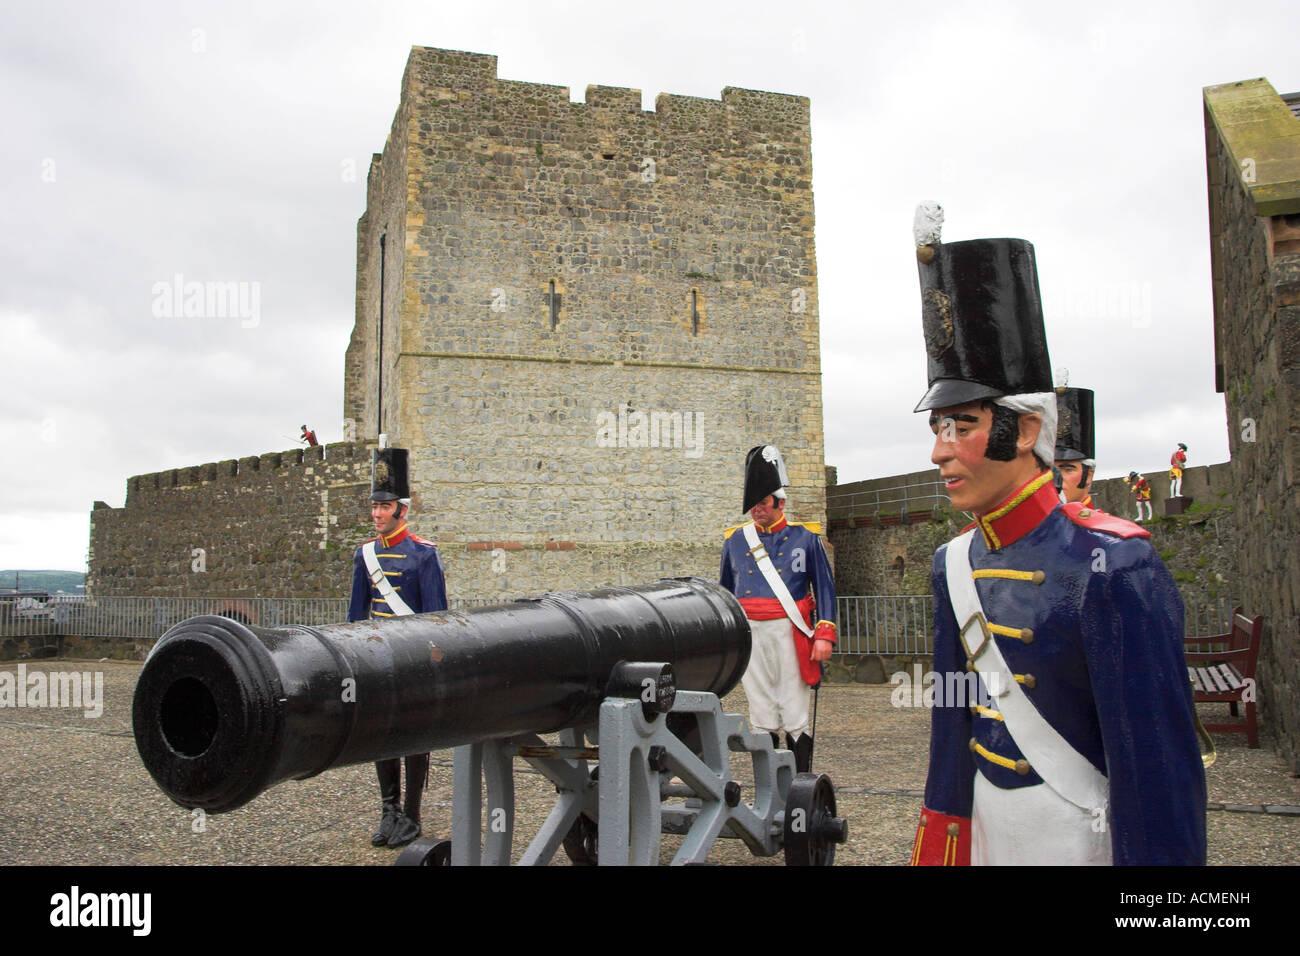 Début du xixe siècle les canons et les artilleurs de la batterie situé sur le Grand de Carrickfergus Castle Banque D'Images